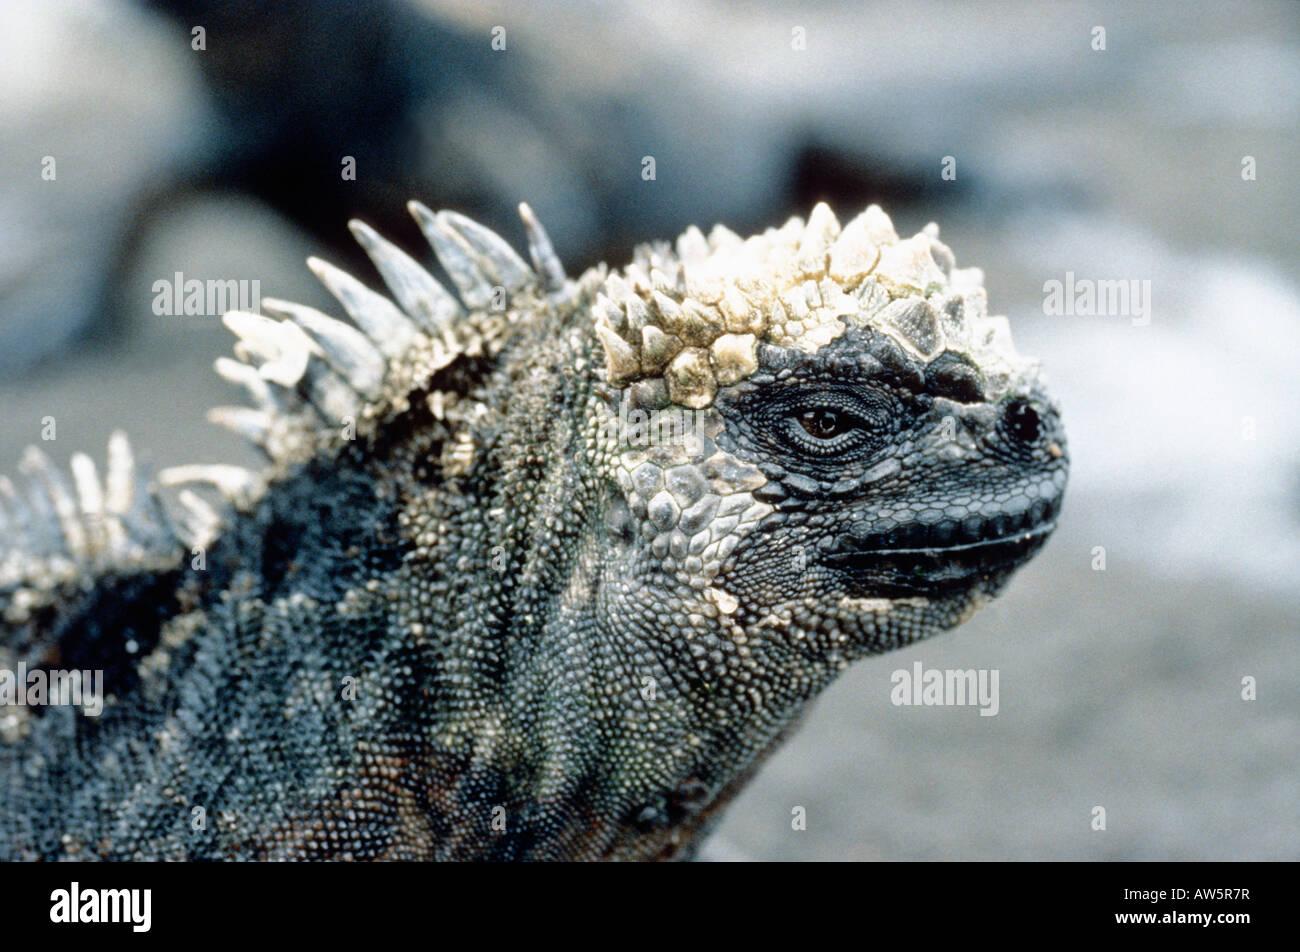 Amazing Marine Iguana Anatomy Mold - Physiology Of Human Body Images ...